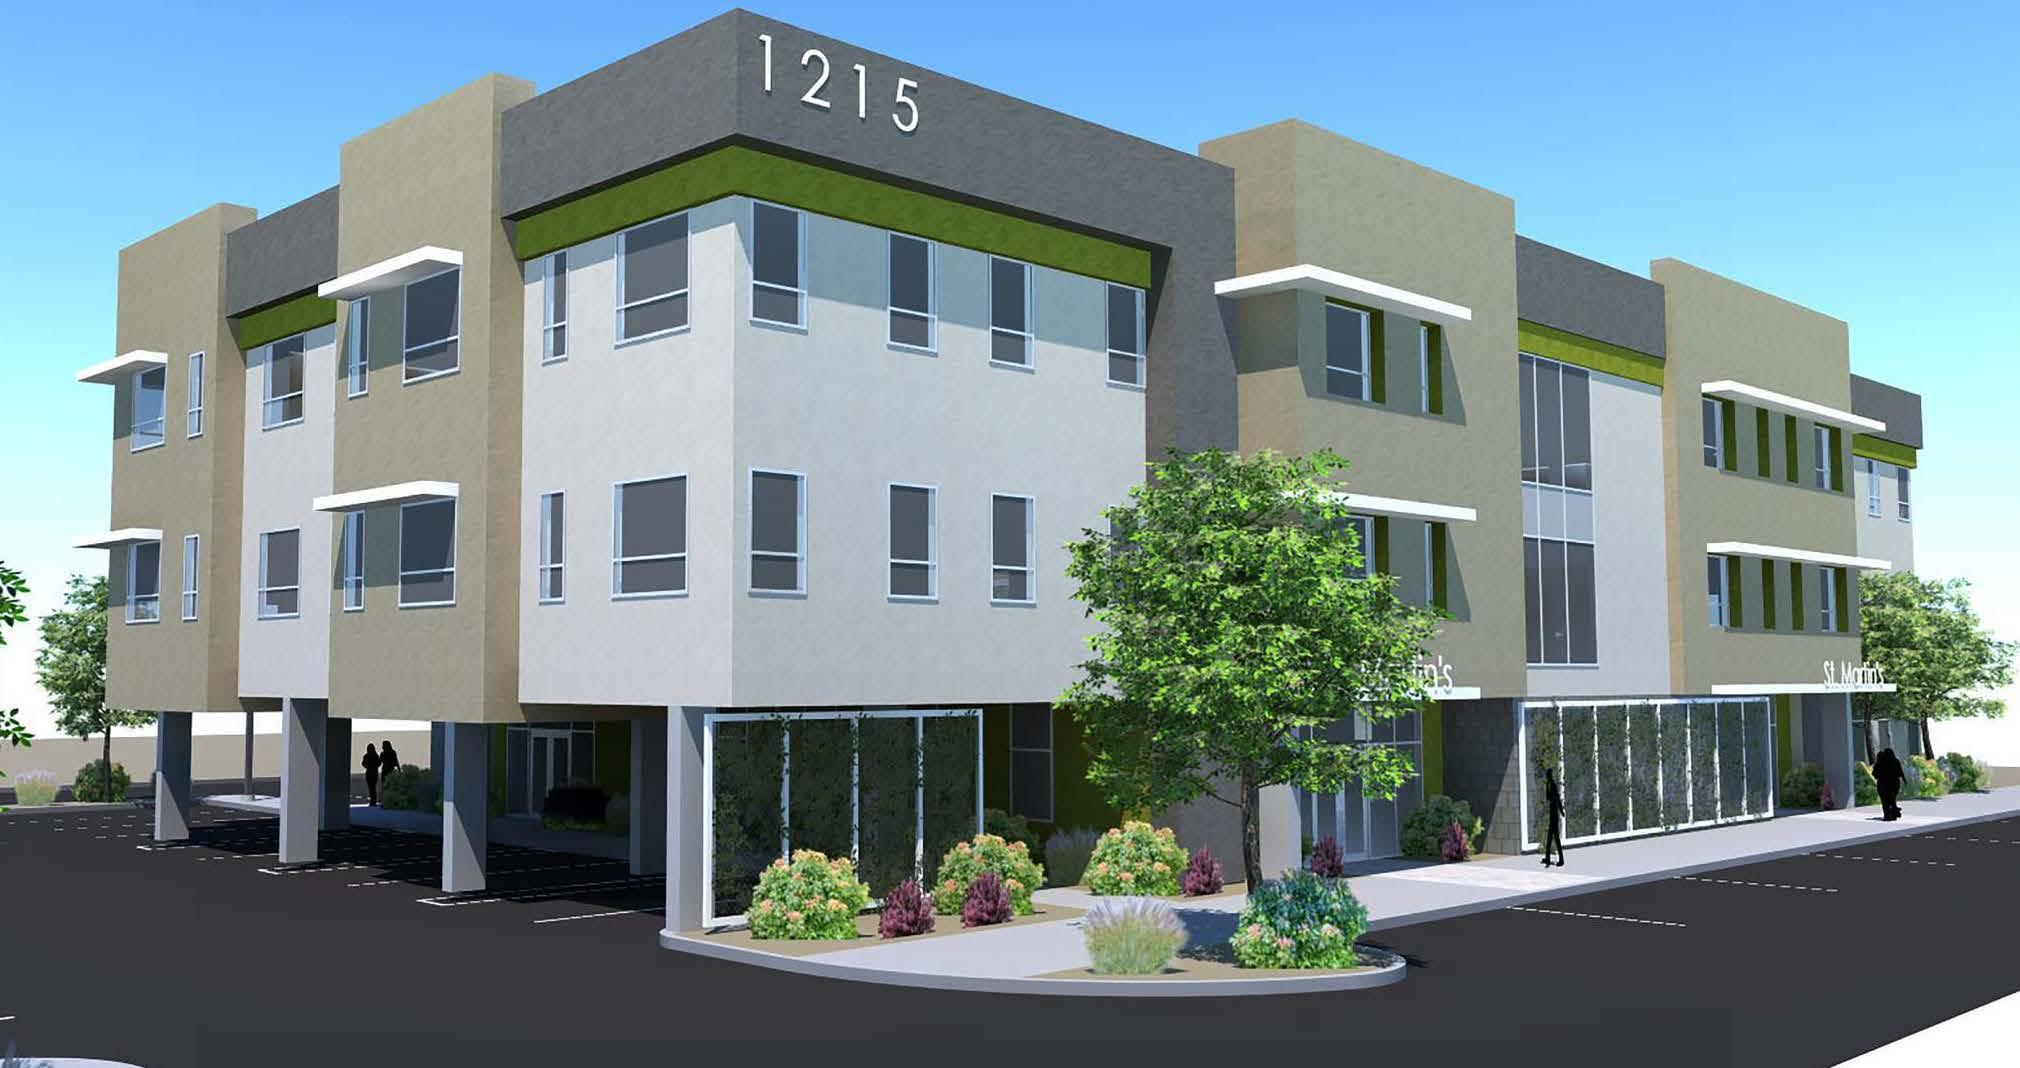 HopeWorks Village rendering